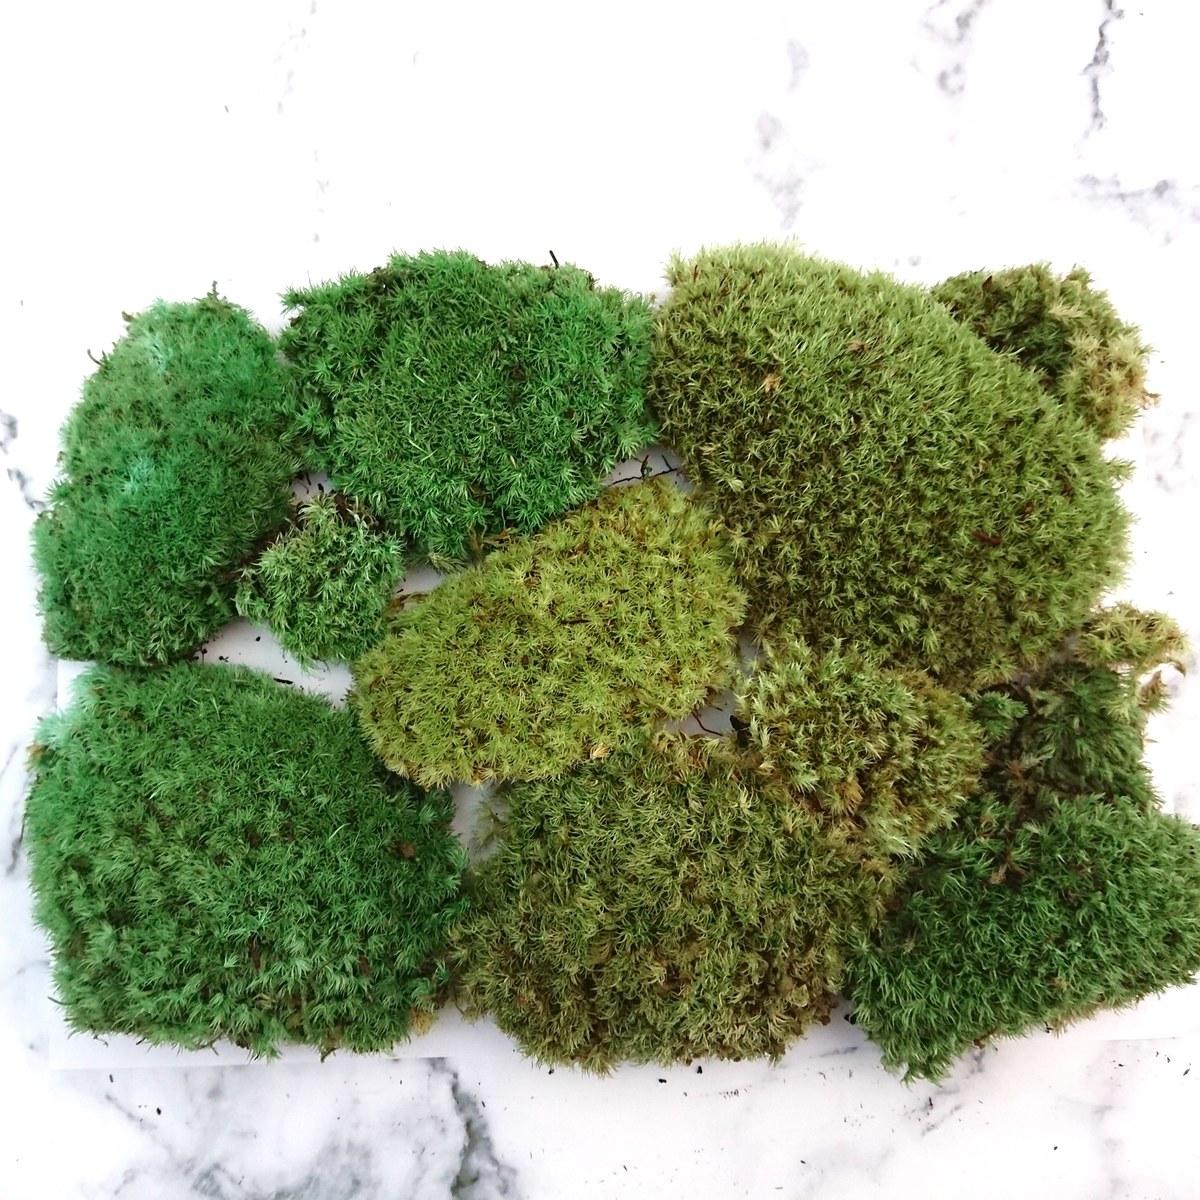 【プリザーブドフラワー花材 ヤマゴケプリザ】定形郵便で送料無料 プリザーブドフラワー ちば花プリザ 苔 モス ジオラマの芝として 本物の苔を加工 ヤマゴケ スナゴケ 苔玉プリザ 珍しい 趣味 花 ガーデン